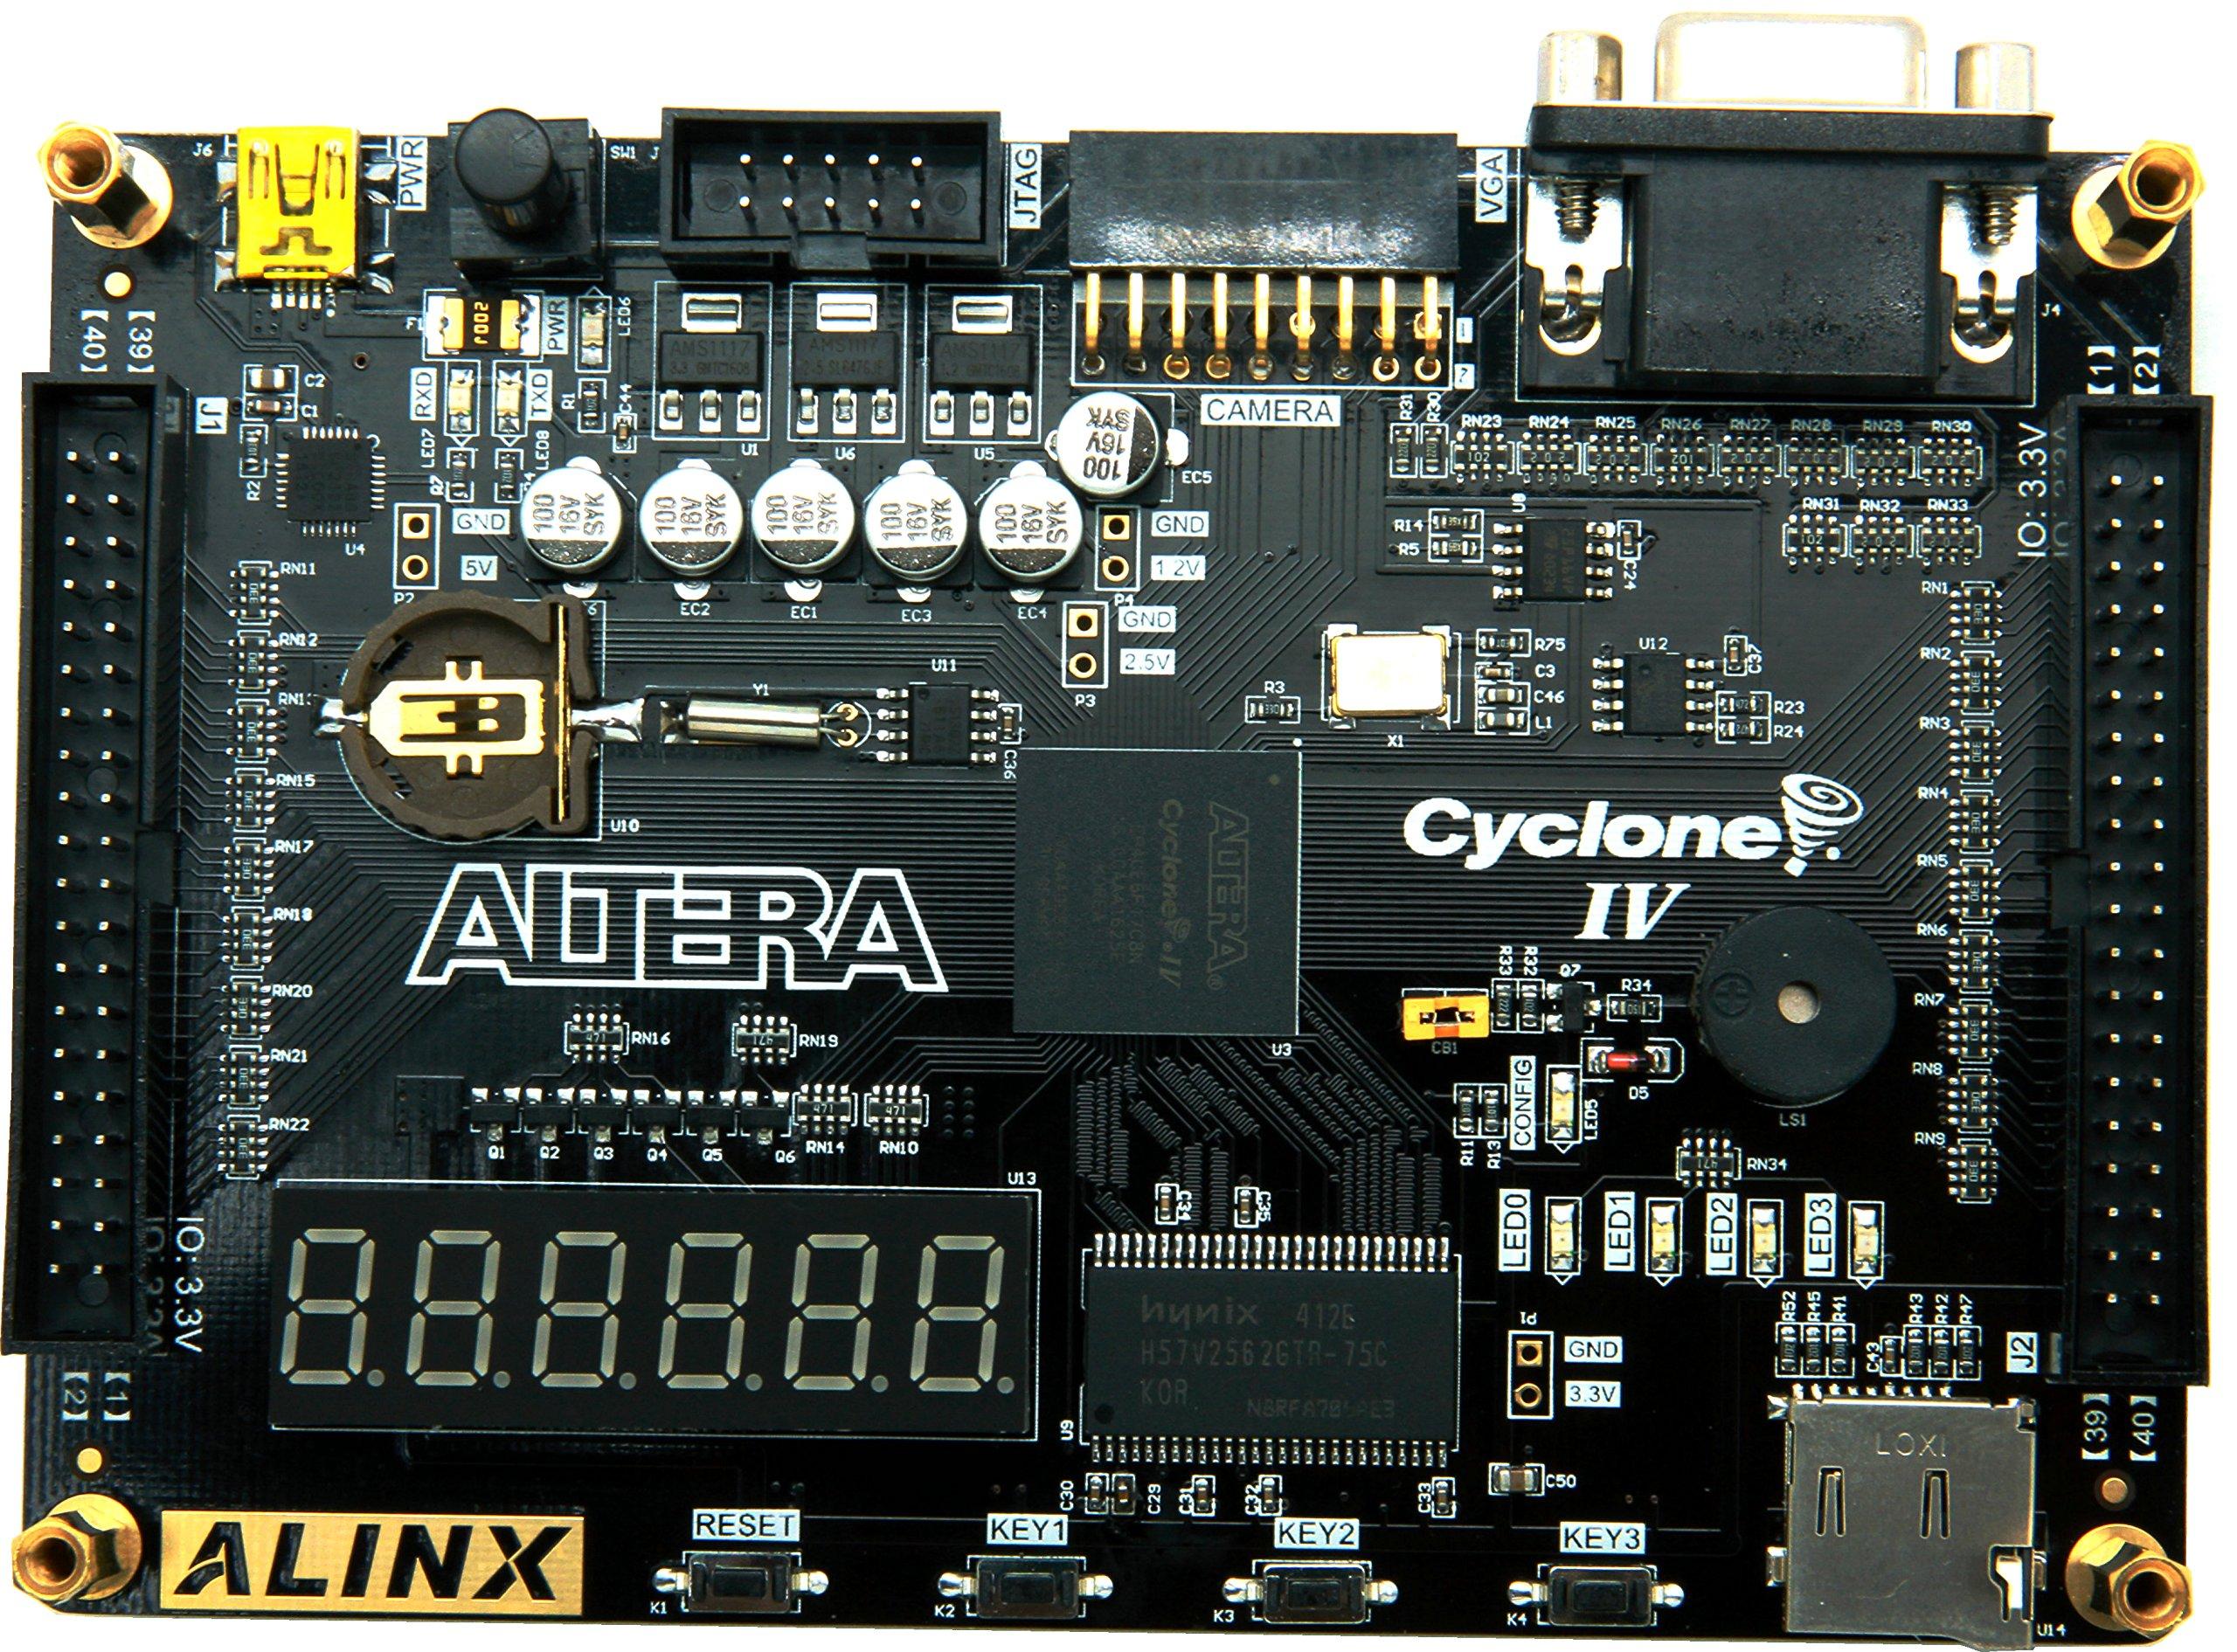 ALINX ALTERA FPGA Development Board NIOS EP4CE6 Study Board USB Cable AX301C